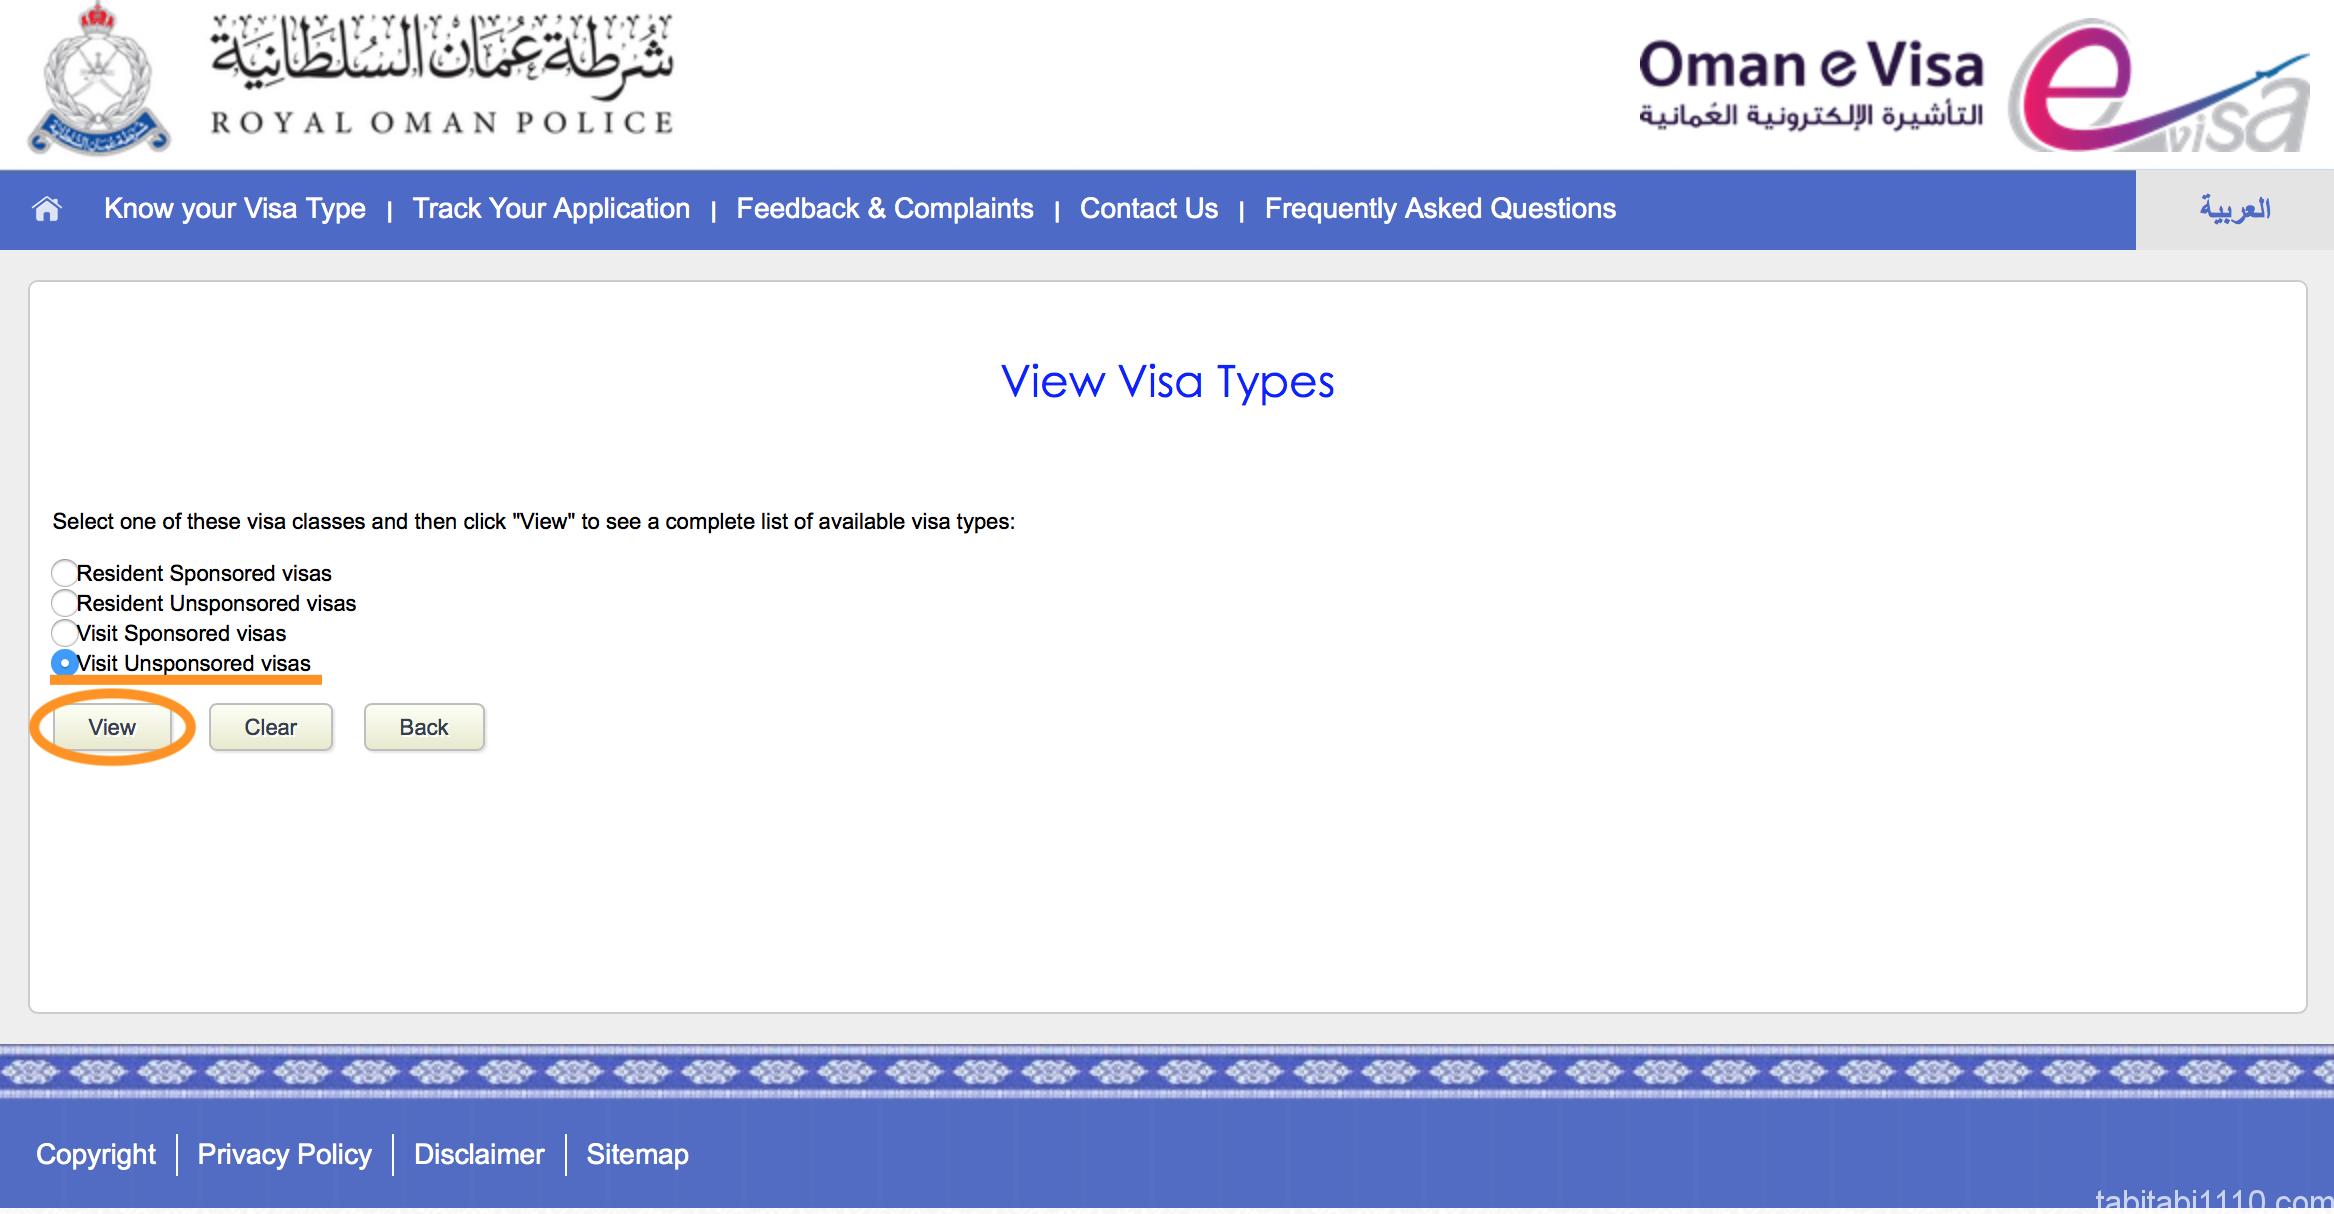 オマーンの無料ビザの確認の仕方